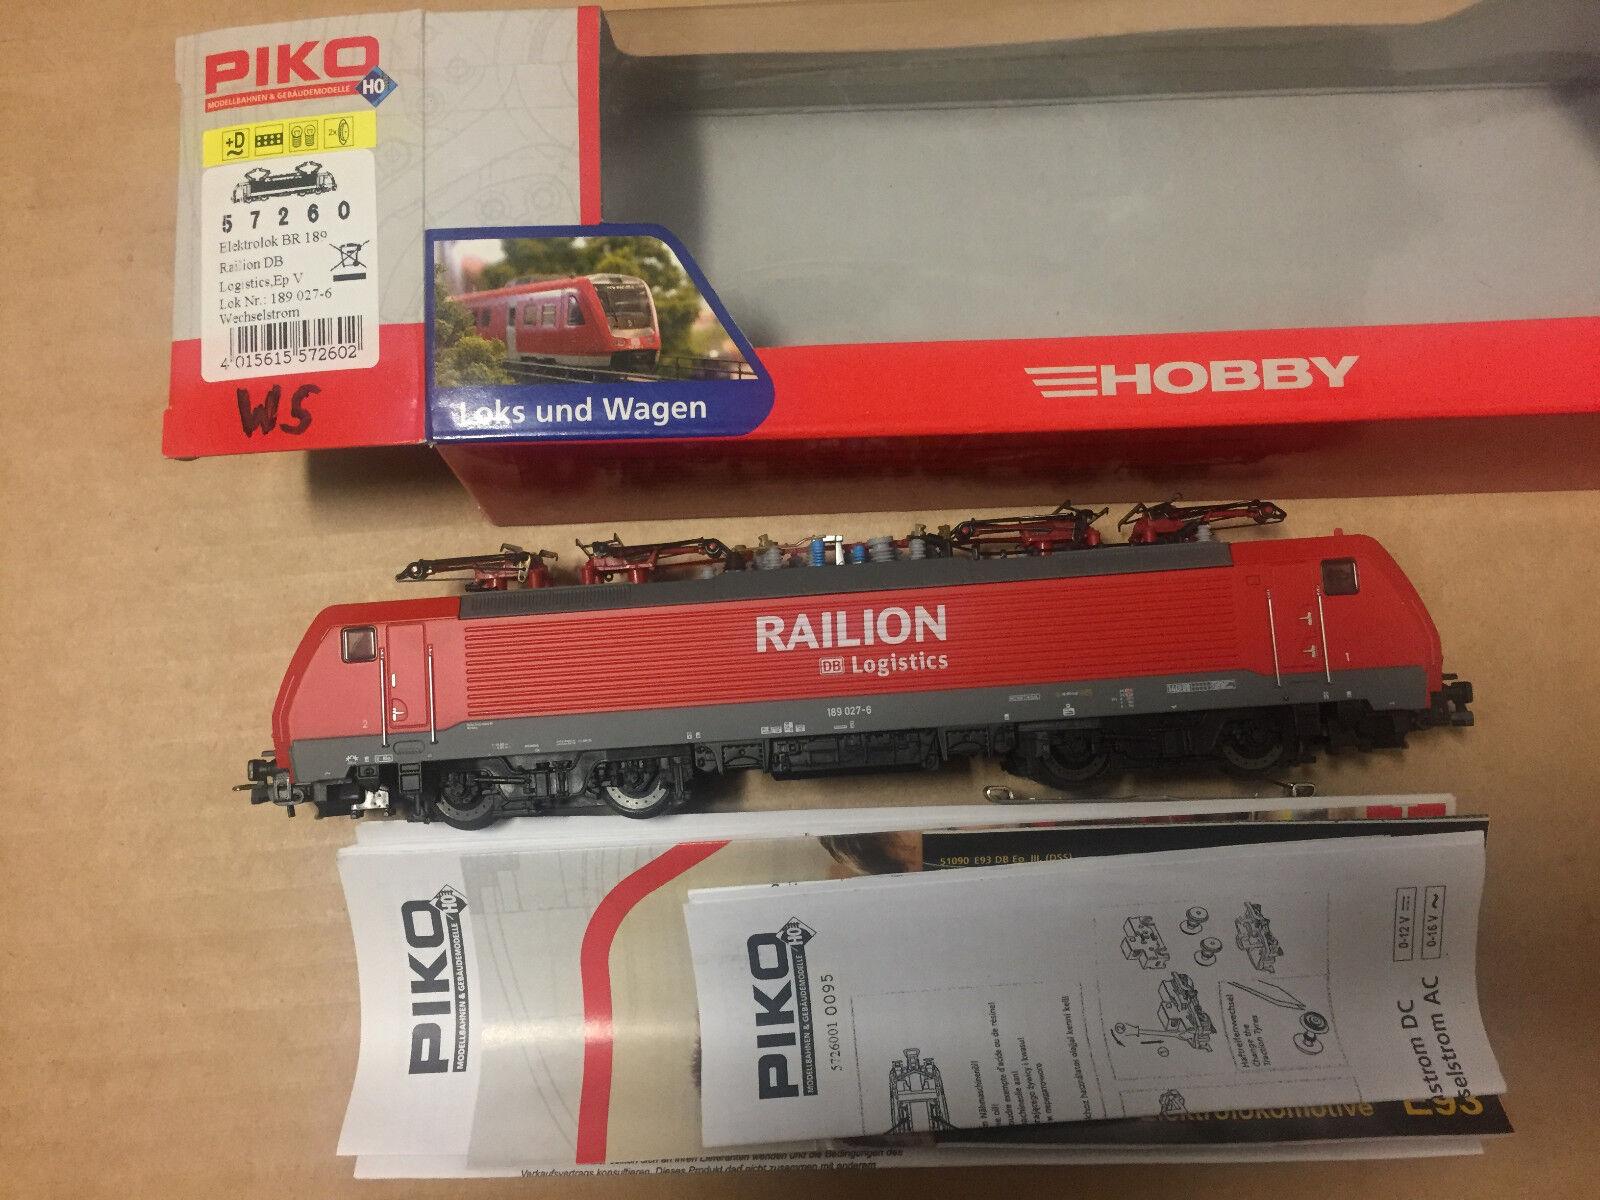 PIKO 57260 h0 E-Lok BR 180 delle DB  RAILION Logistics  per   TOP + OVP